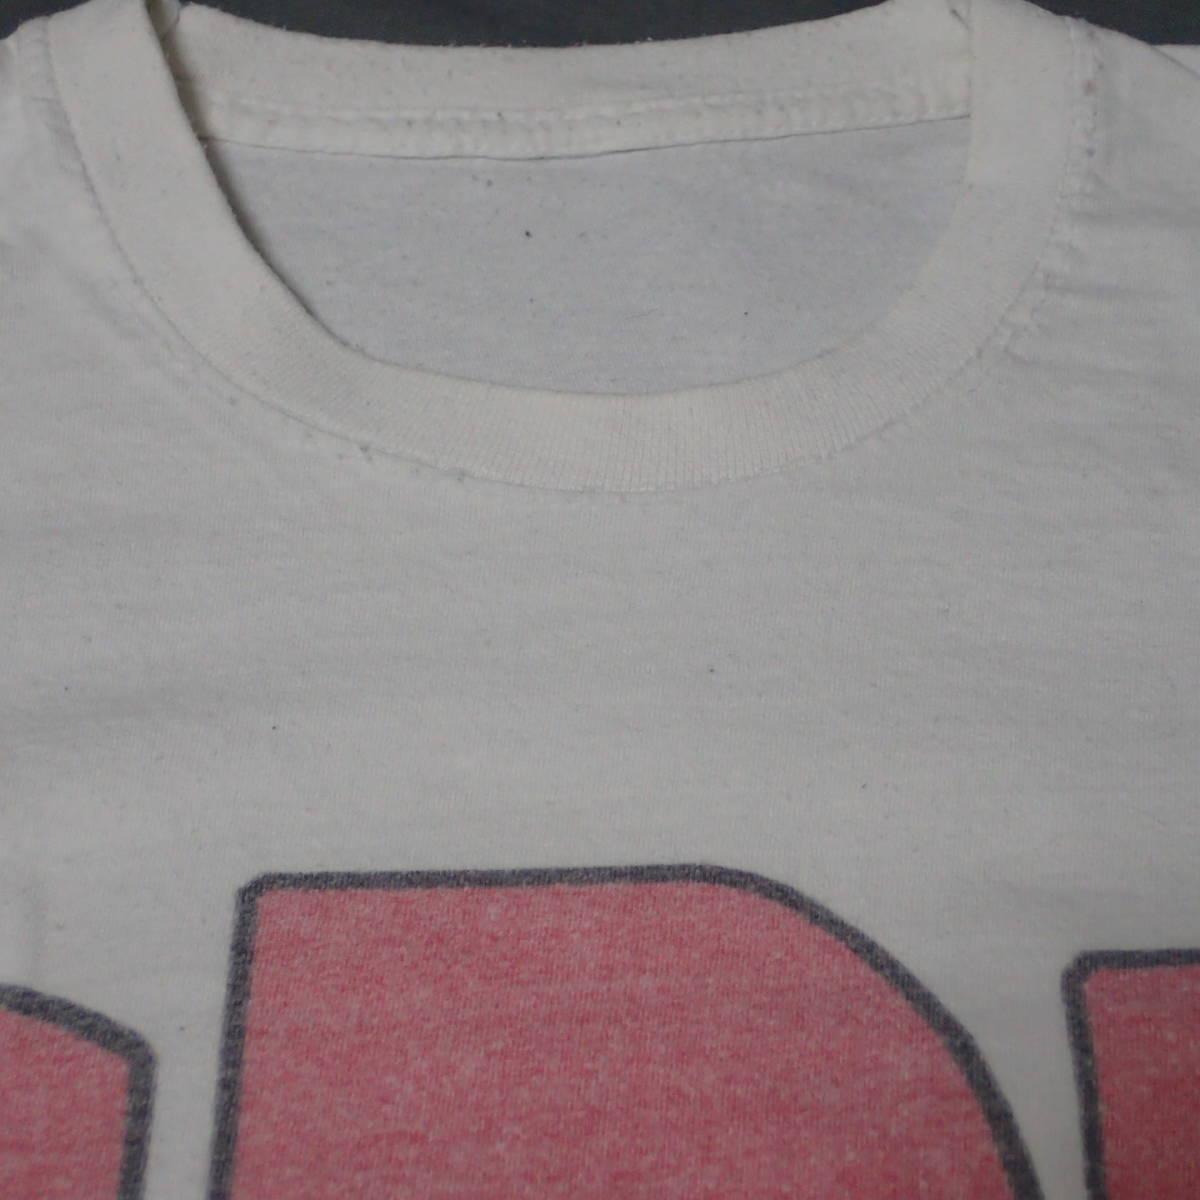 ■ 90s GBH Vintage T-shirt ■ ジービーエイチ ヴィンテージ Tシャツ 白 コットン 当時物 本物 バンドT ロックT G.B.H パンク_画像5